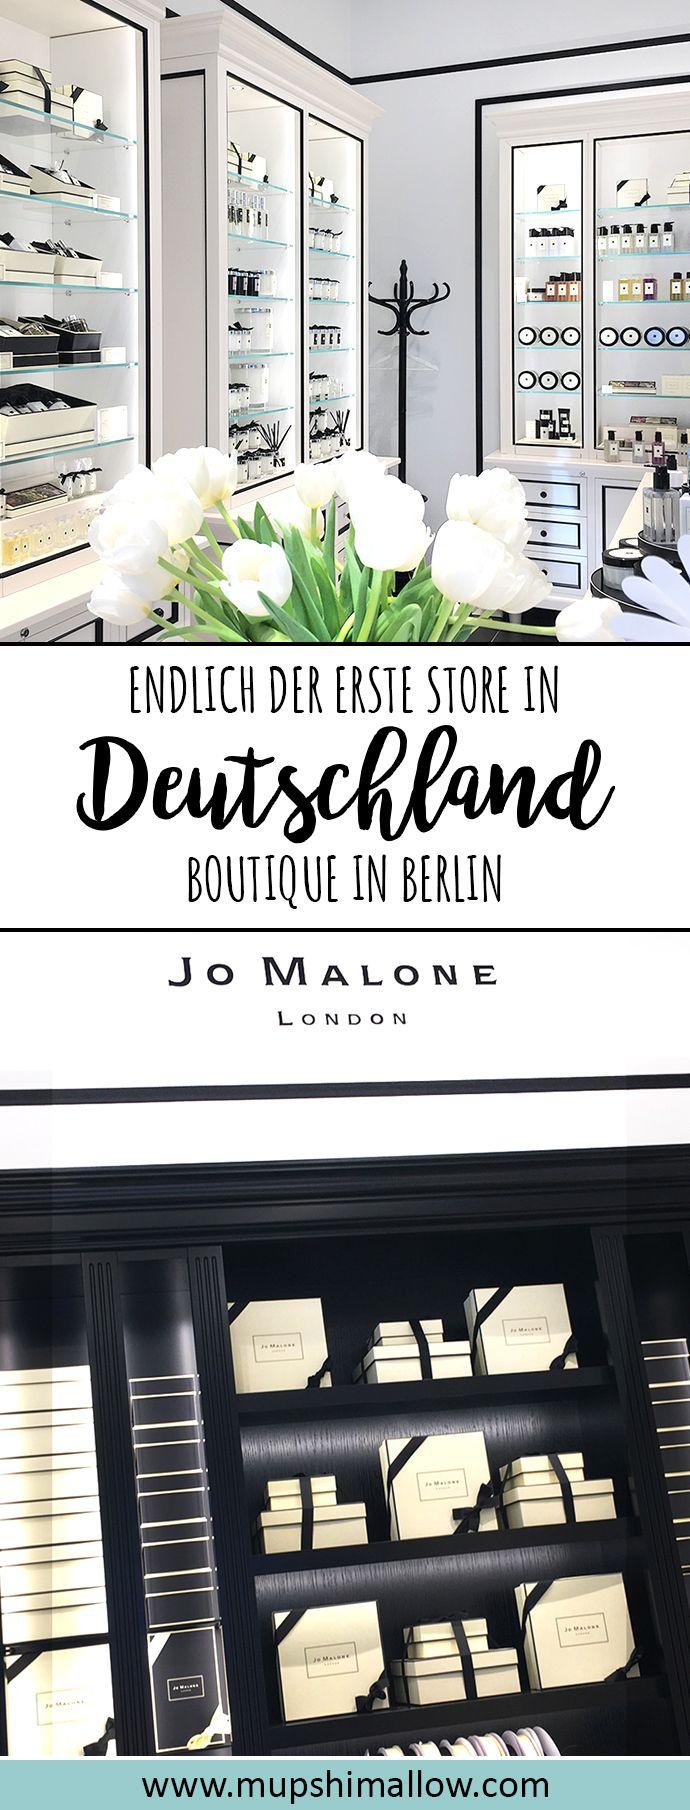 ENDLICH! Ein eigener Jo Malone London Store in Berlin. Klickt hier für mehr Infos zum Eröffnungsevent, der Wegbeschreibung und Öffnungzeiten. Lasst euch verwöhnen im Jo Malone London Store in Berlin und erfahrt was es mit der Kuns des Fragrance Combining auf sich hat.